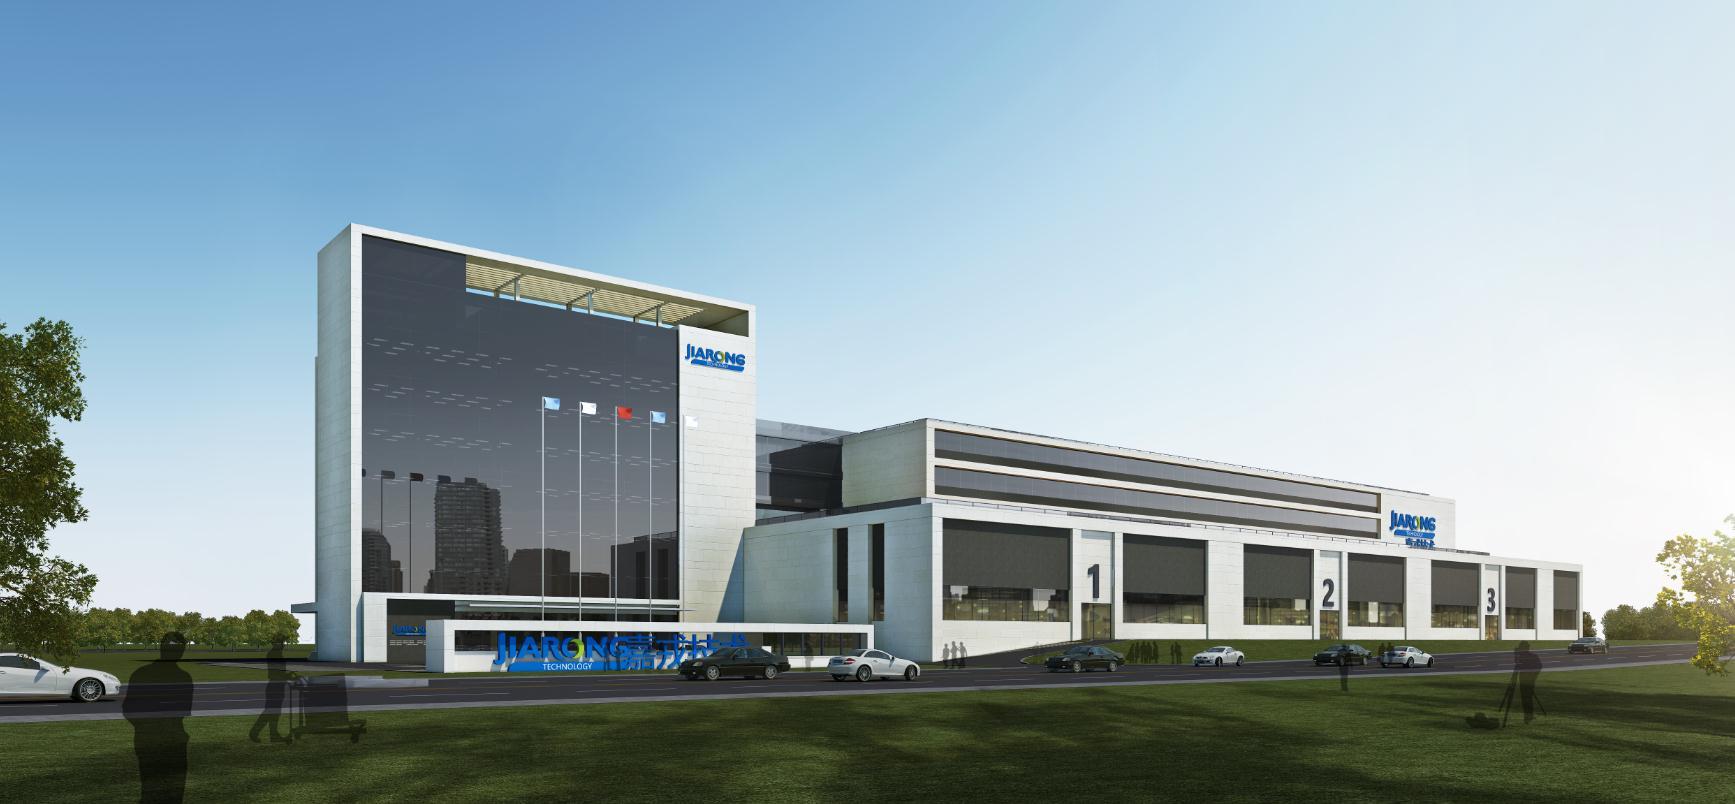 嘉戎技术:国内专业的趋零排放膜技术高新技术企业